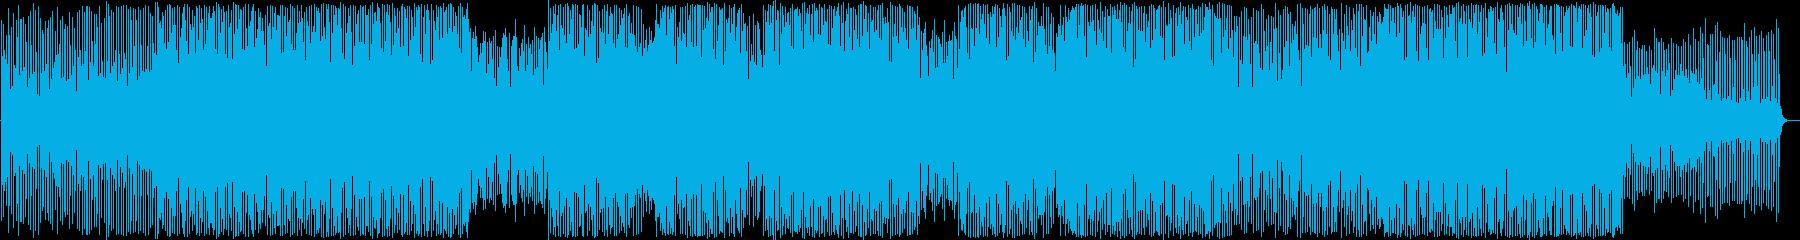 家。エスニック、グルーヴ、ファンキー。の再生済みの波形